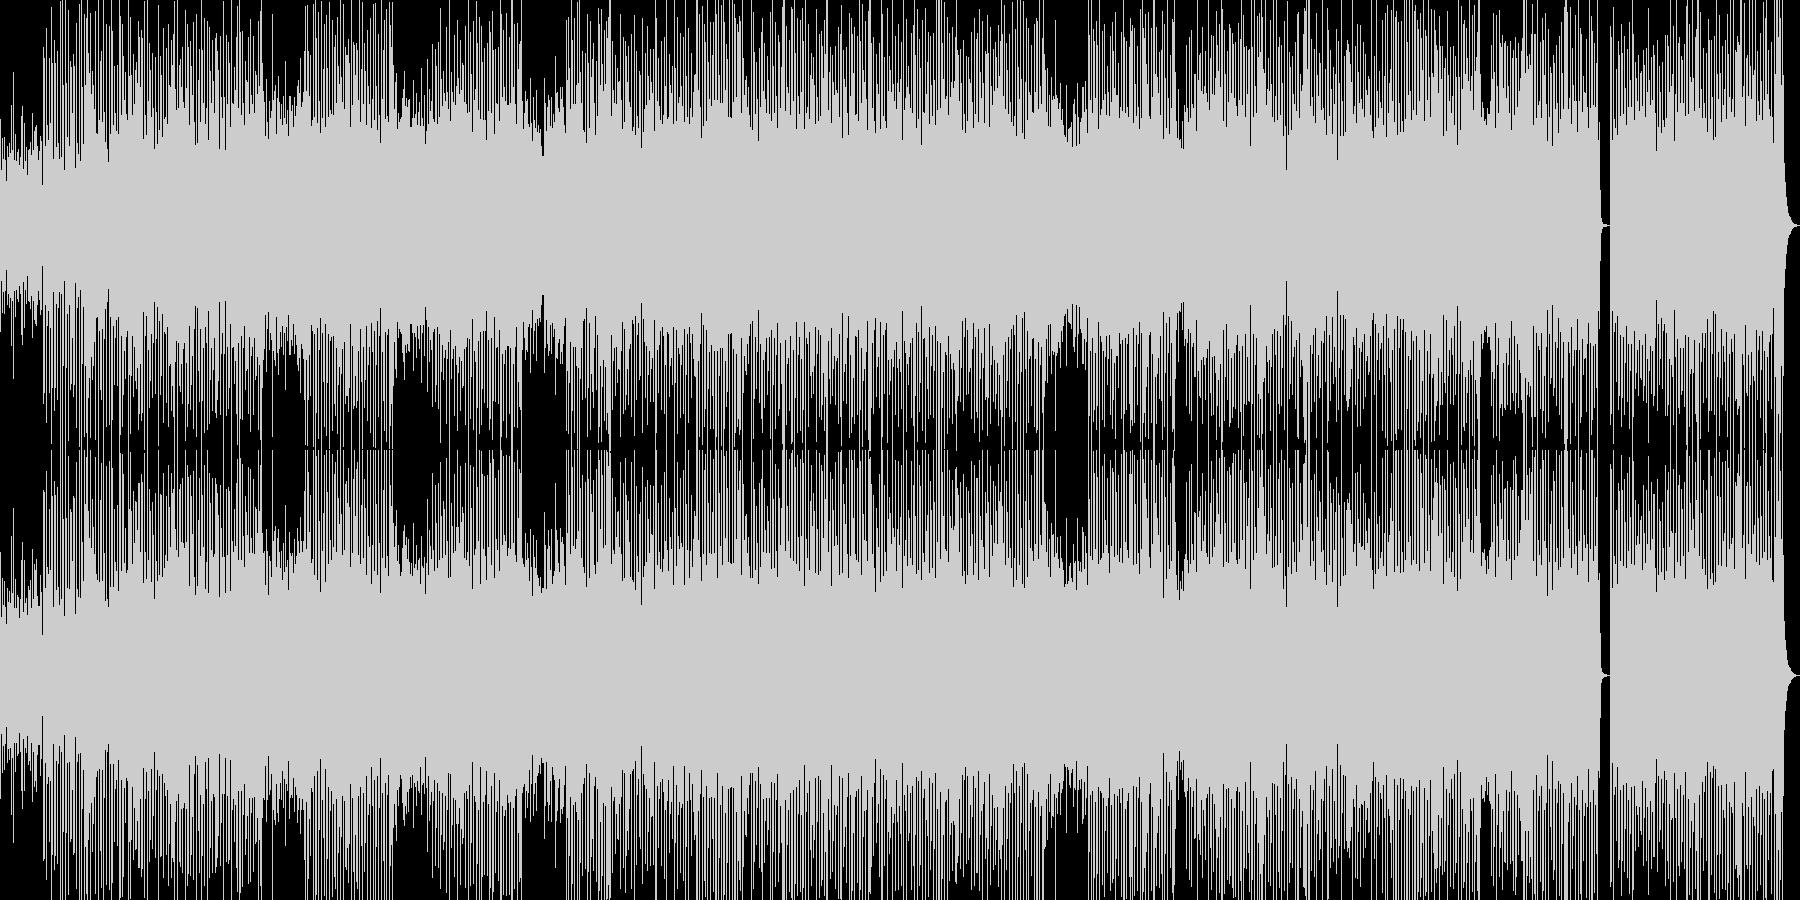 アフリカンパーカッショントライブハウスの未再生の波形